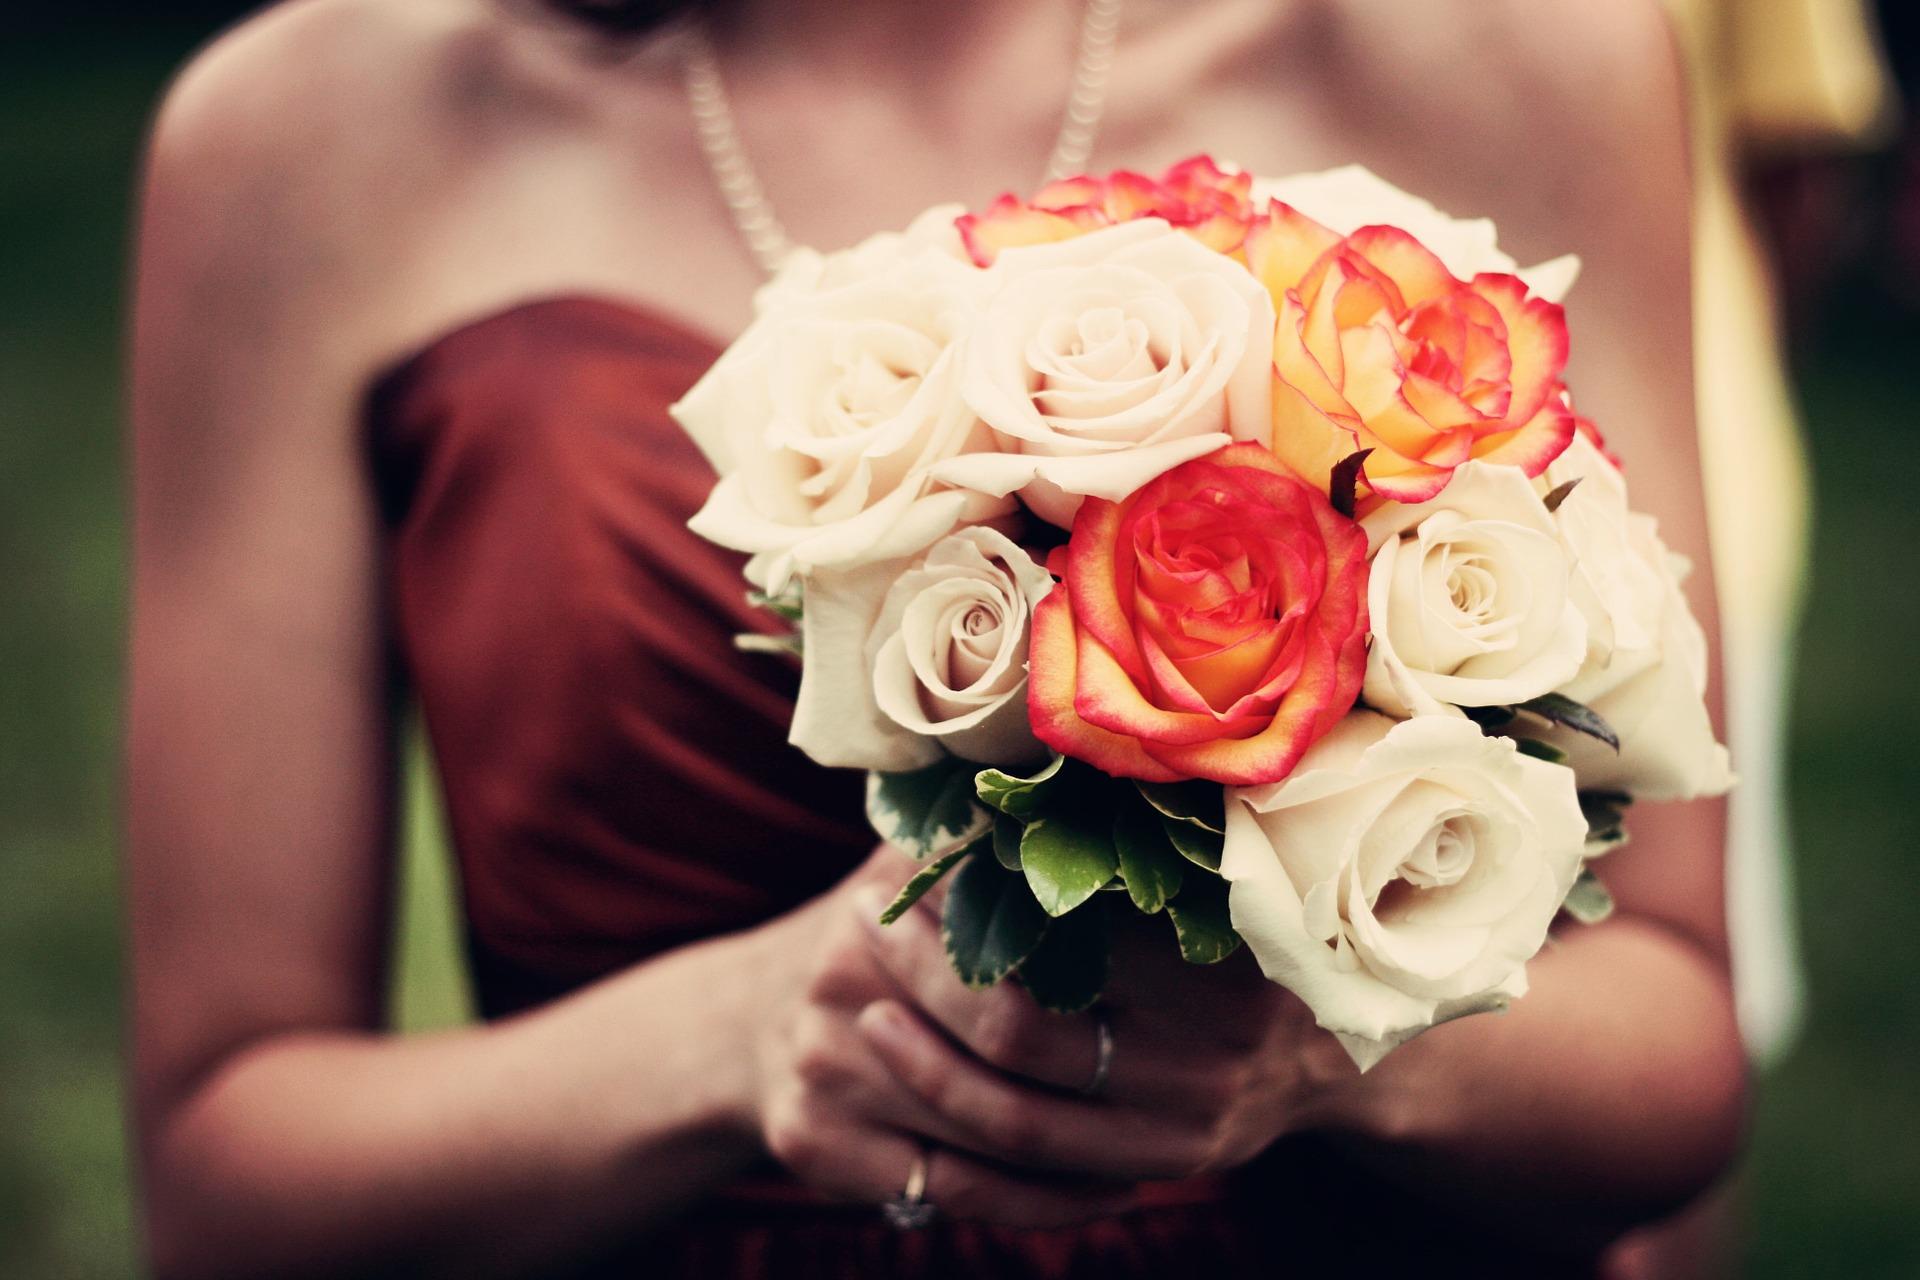 Maura, blomster til enhver anledning